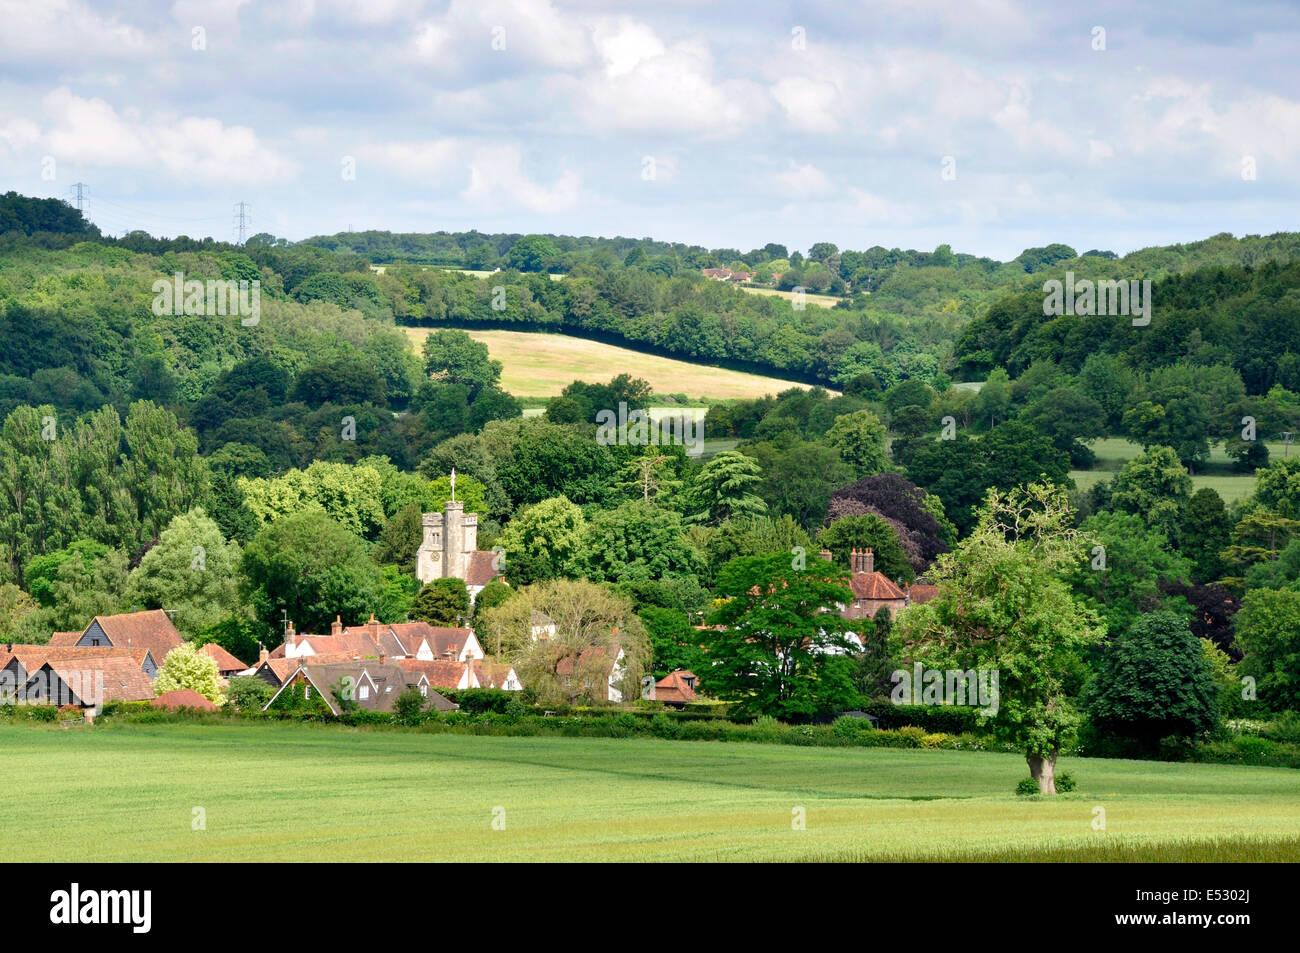 Argent - Chiltern Hills - voir Little Missenden village - vallée de la Misbourne - cottages - tour de l'église Photo Stock